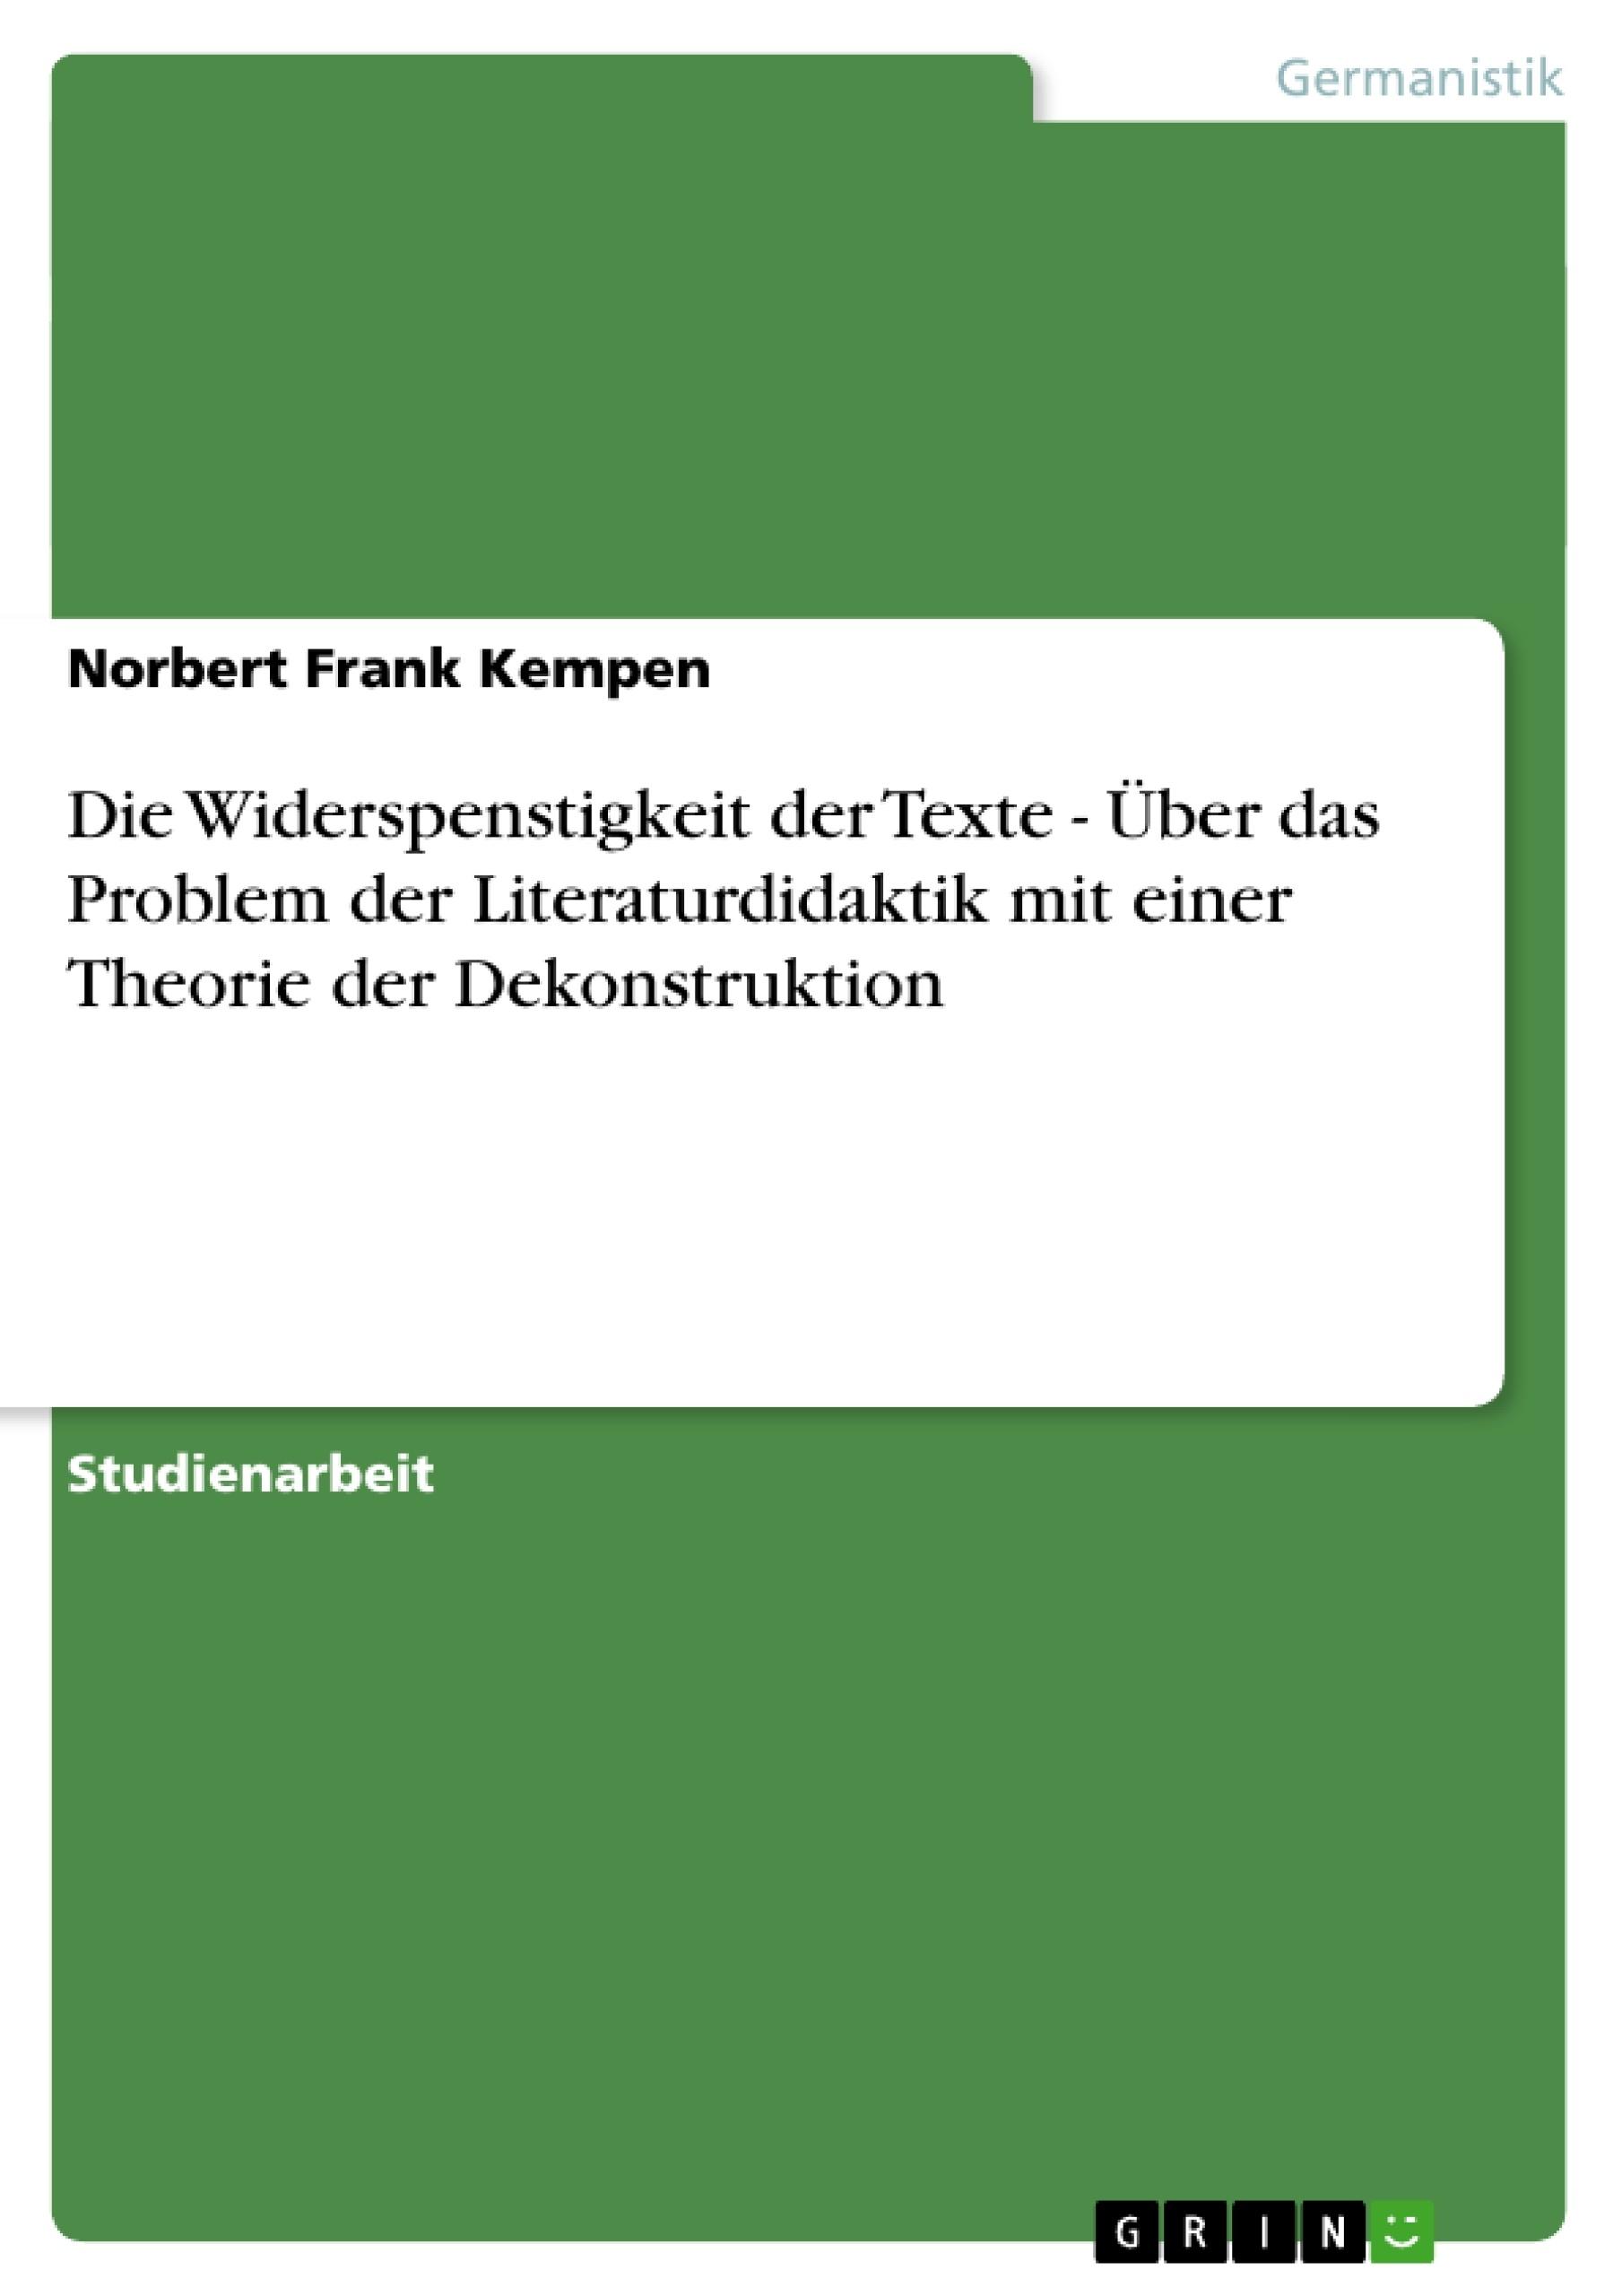 Titel: Die Widerspenstigkeit der Texte - Über das Problem der Literaturdidaktik mit einer Theorie der Dekonstruktion